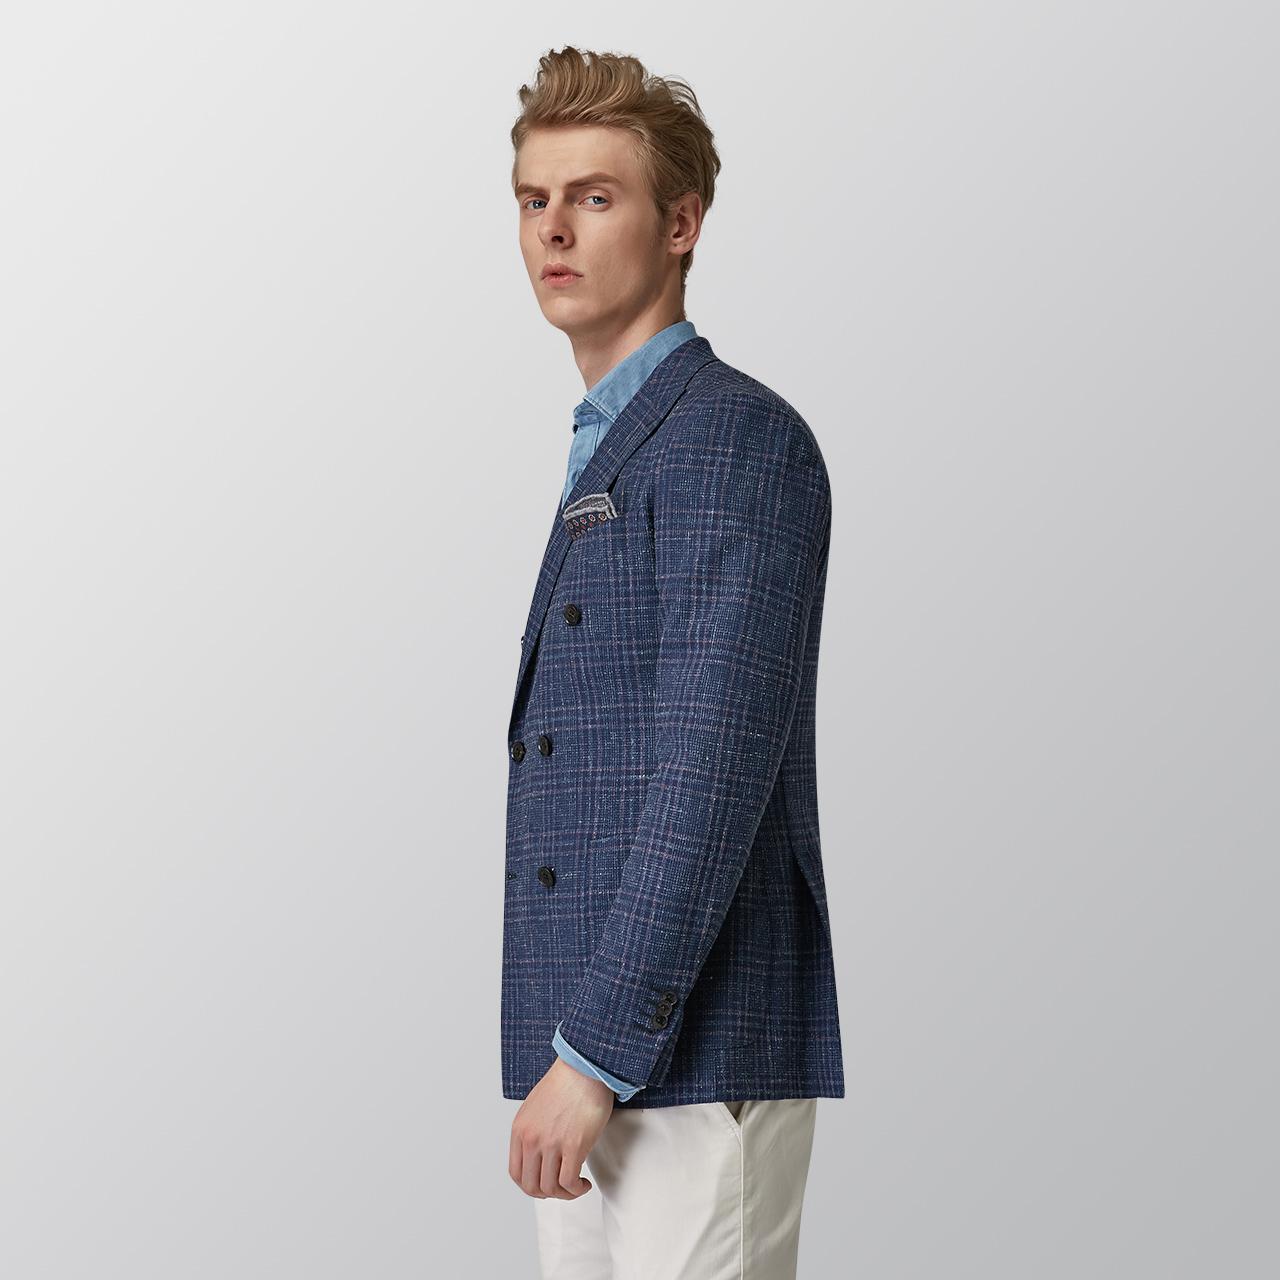 柏品 Lite Reda羊毛亚麻桑蚕丝 男士双排扣格纹西装 戗驳领西服